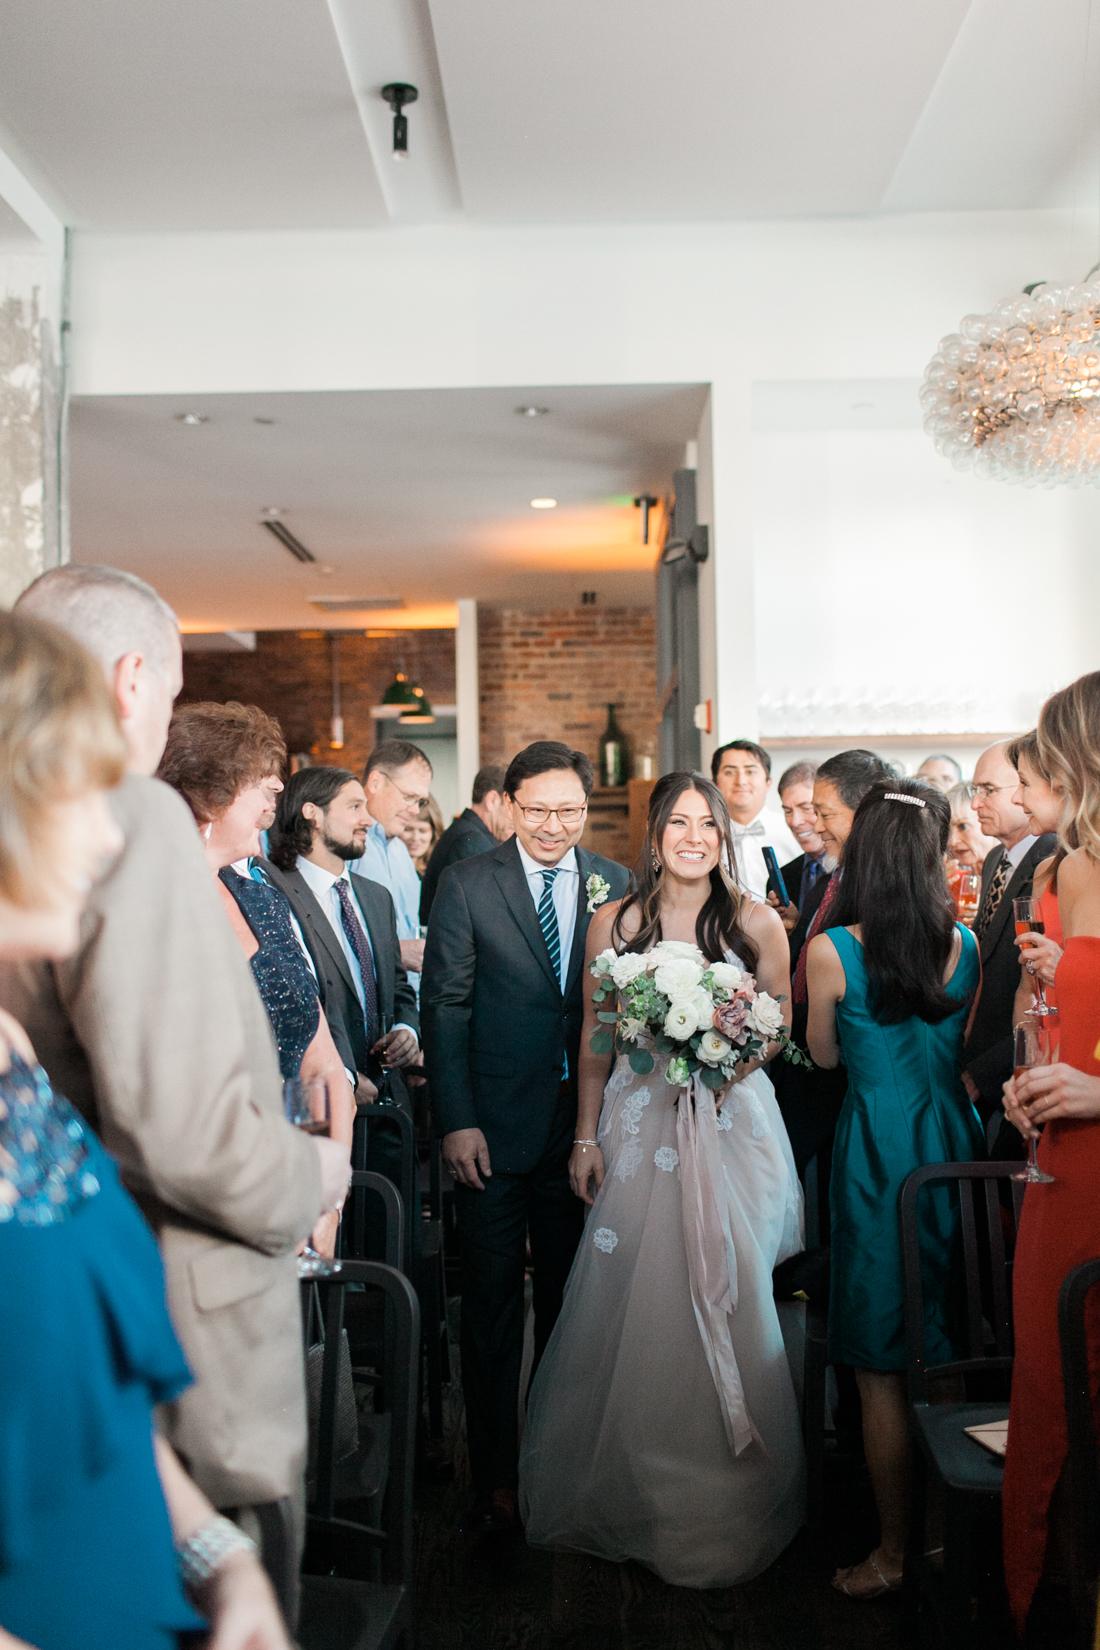 Kristin_Brett_TheKitchen_Denver_Wedding_by_Connie_Whitlock_web_180.jpg